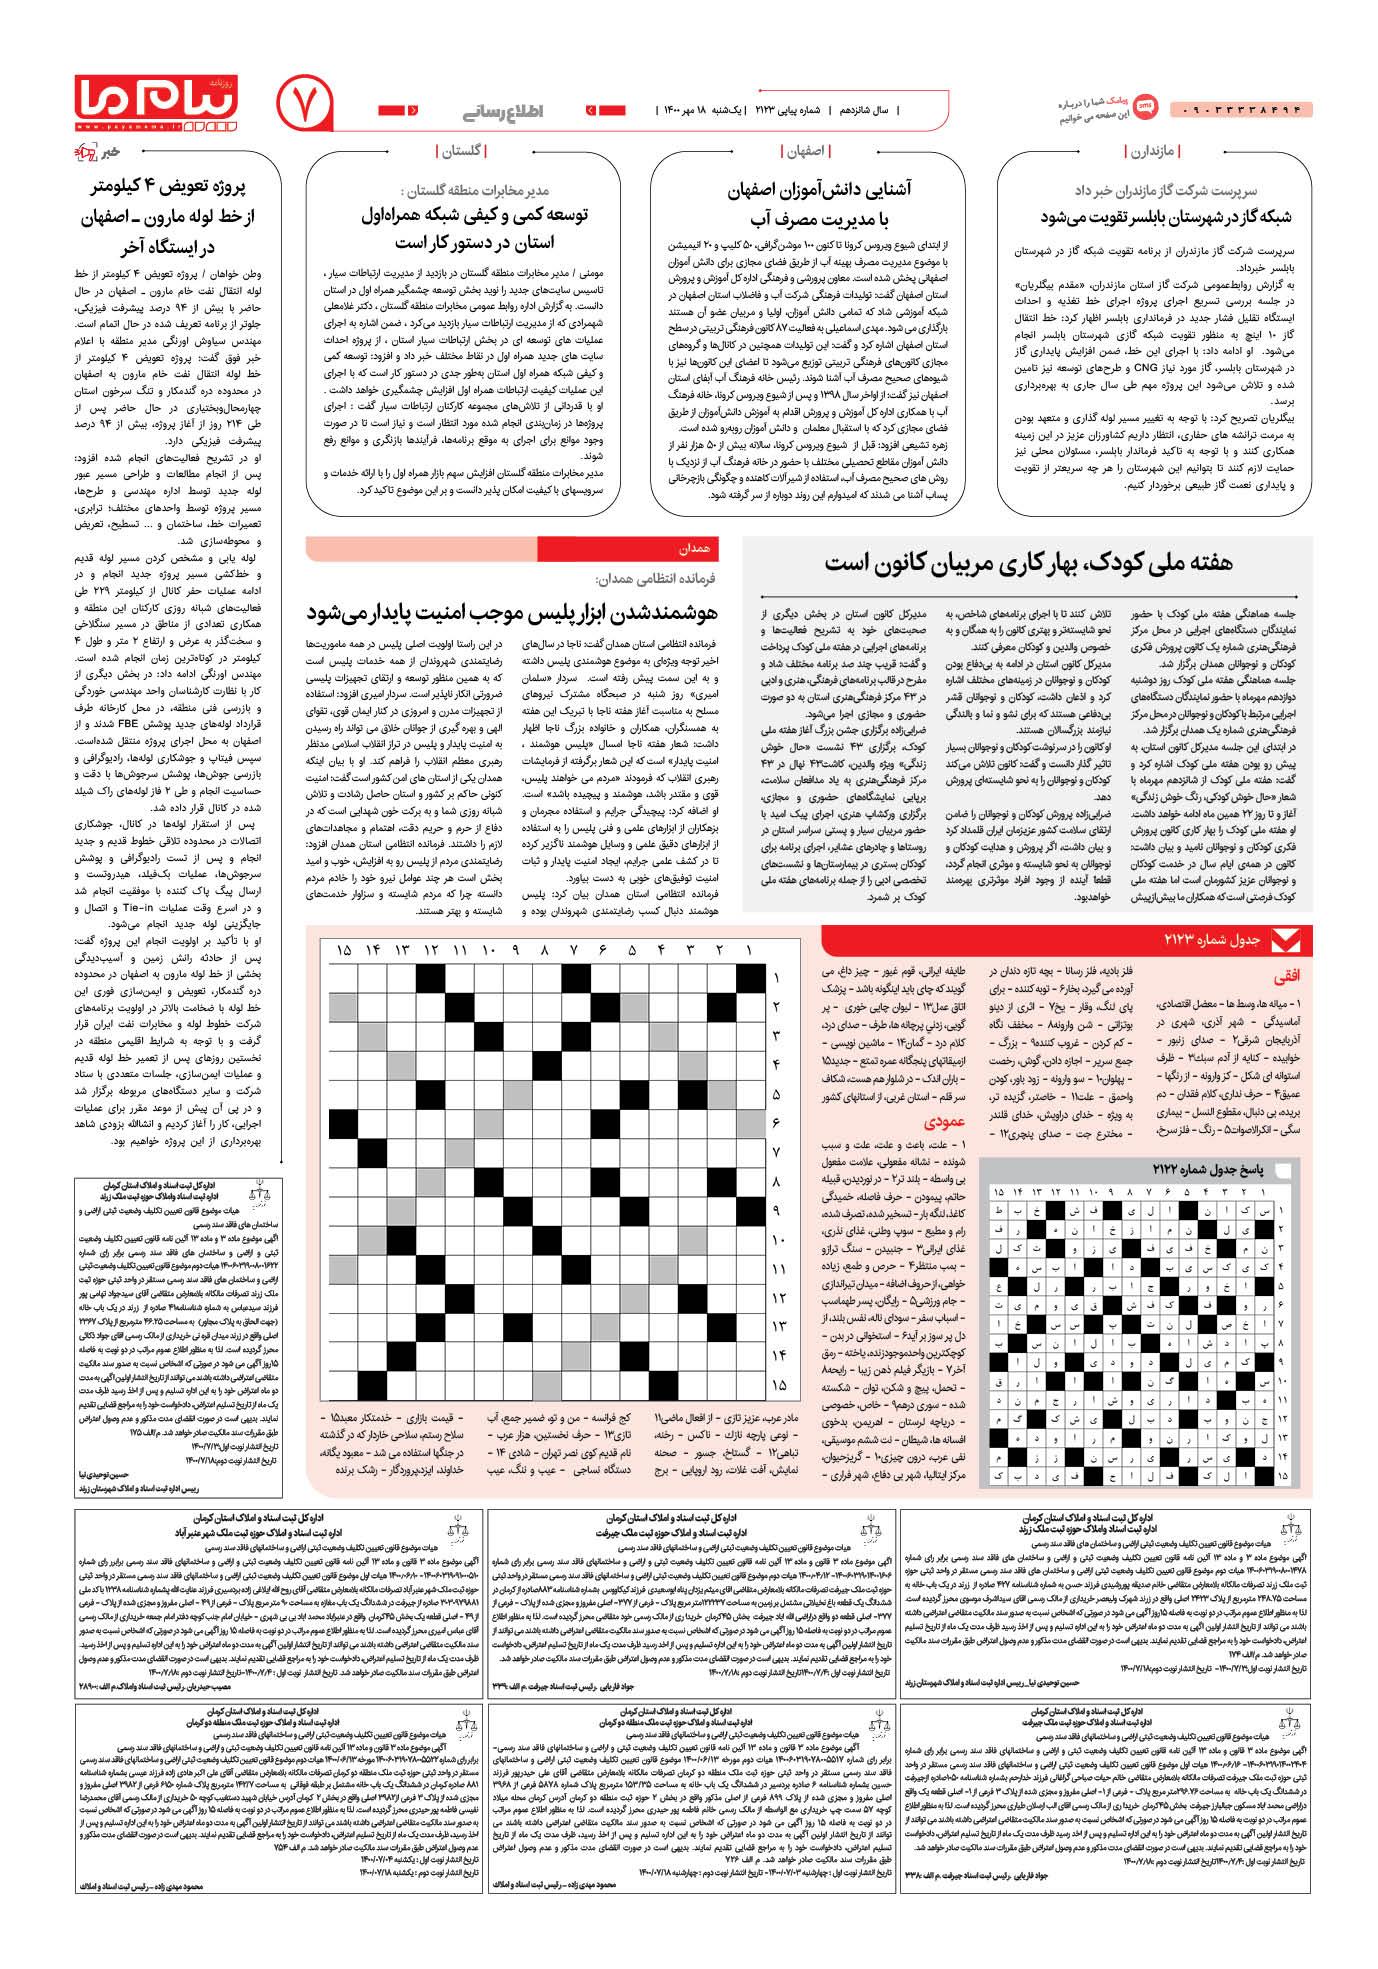 صفحه اطلاع رسانی شماره 2123 روزنامه پیام ما